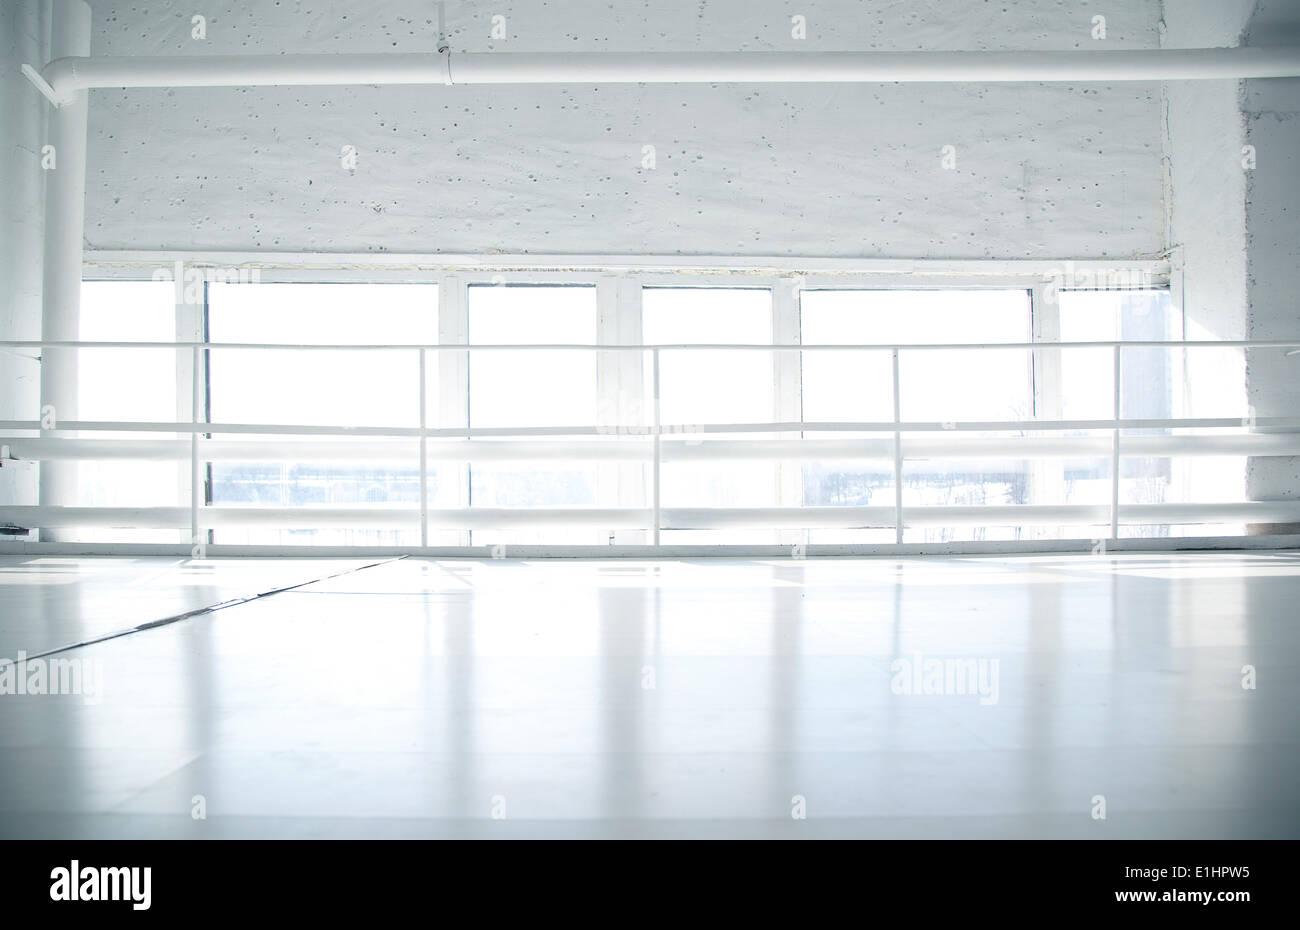 Industriali di background urbano con windows e con pavimento bianco - impianto o stabilimento Immagini Stock